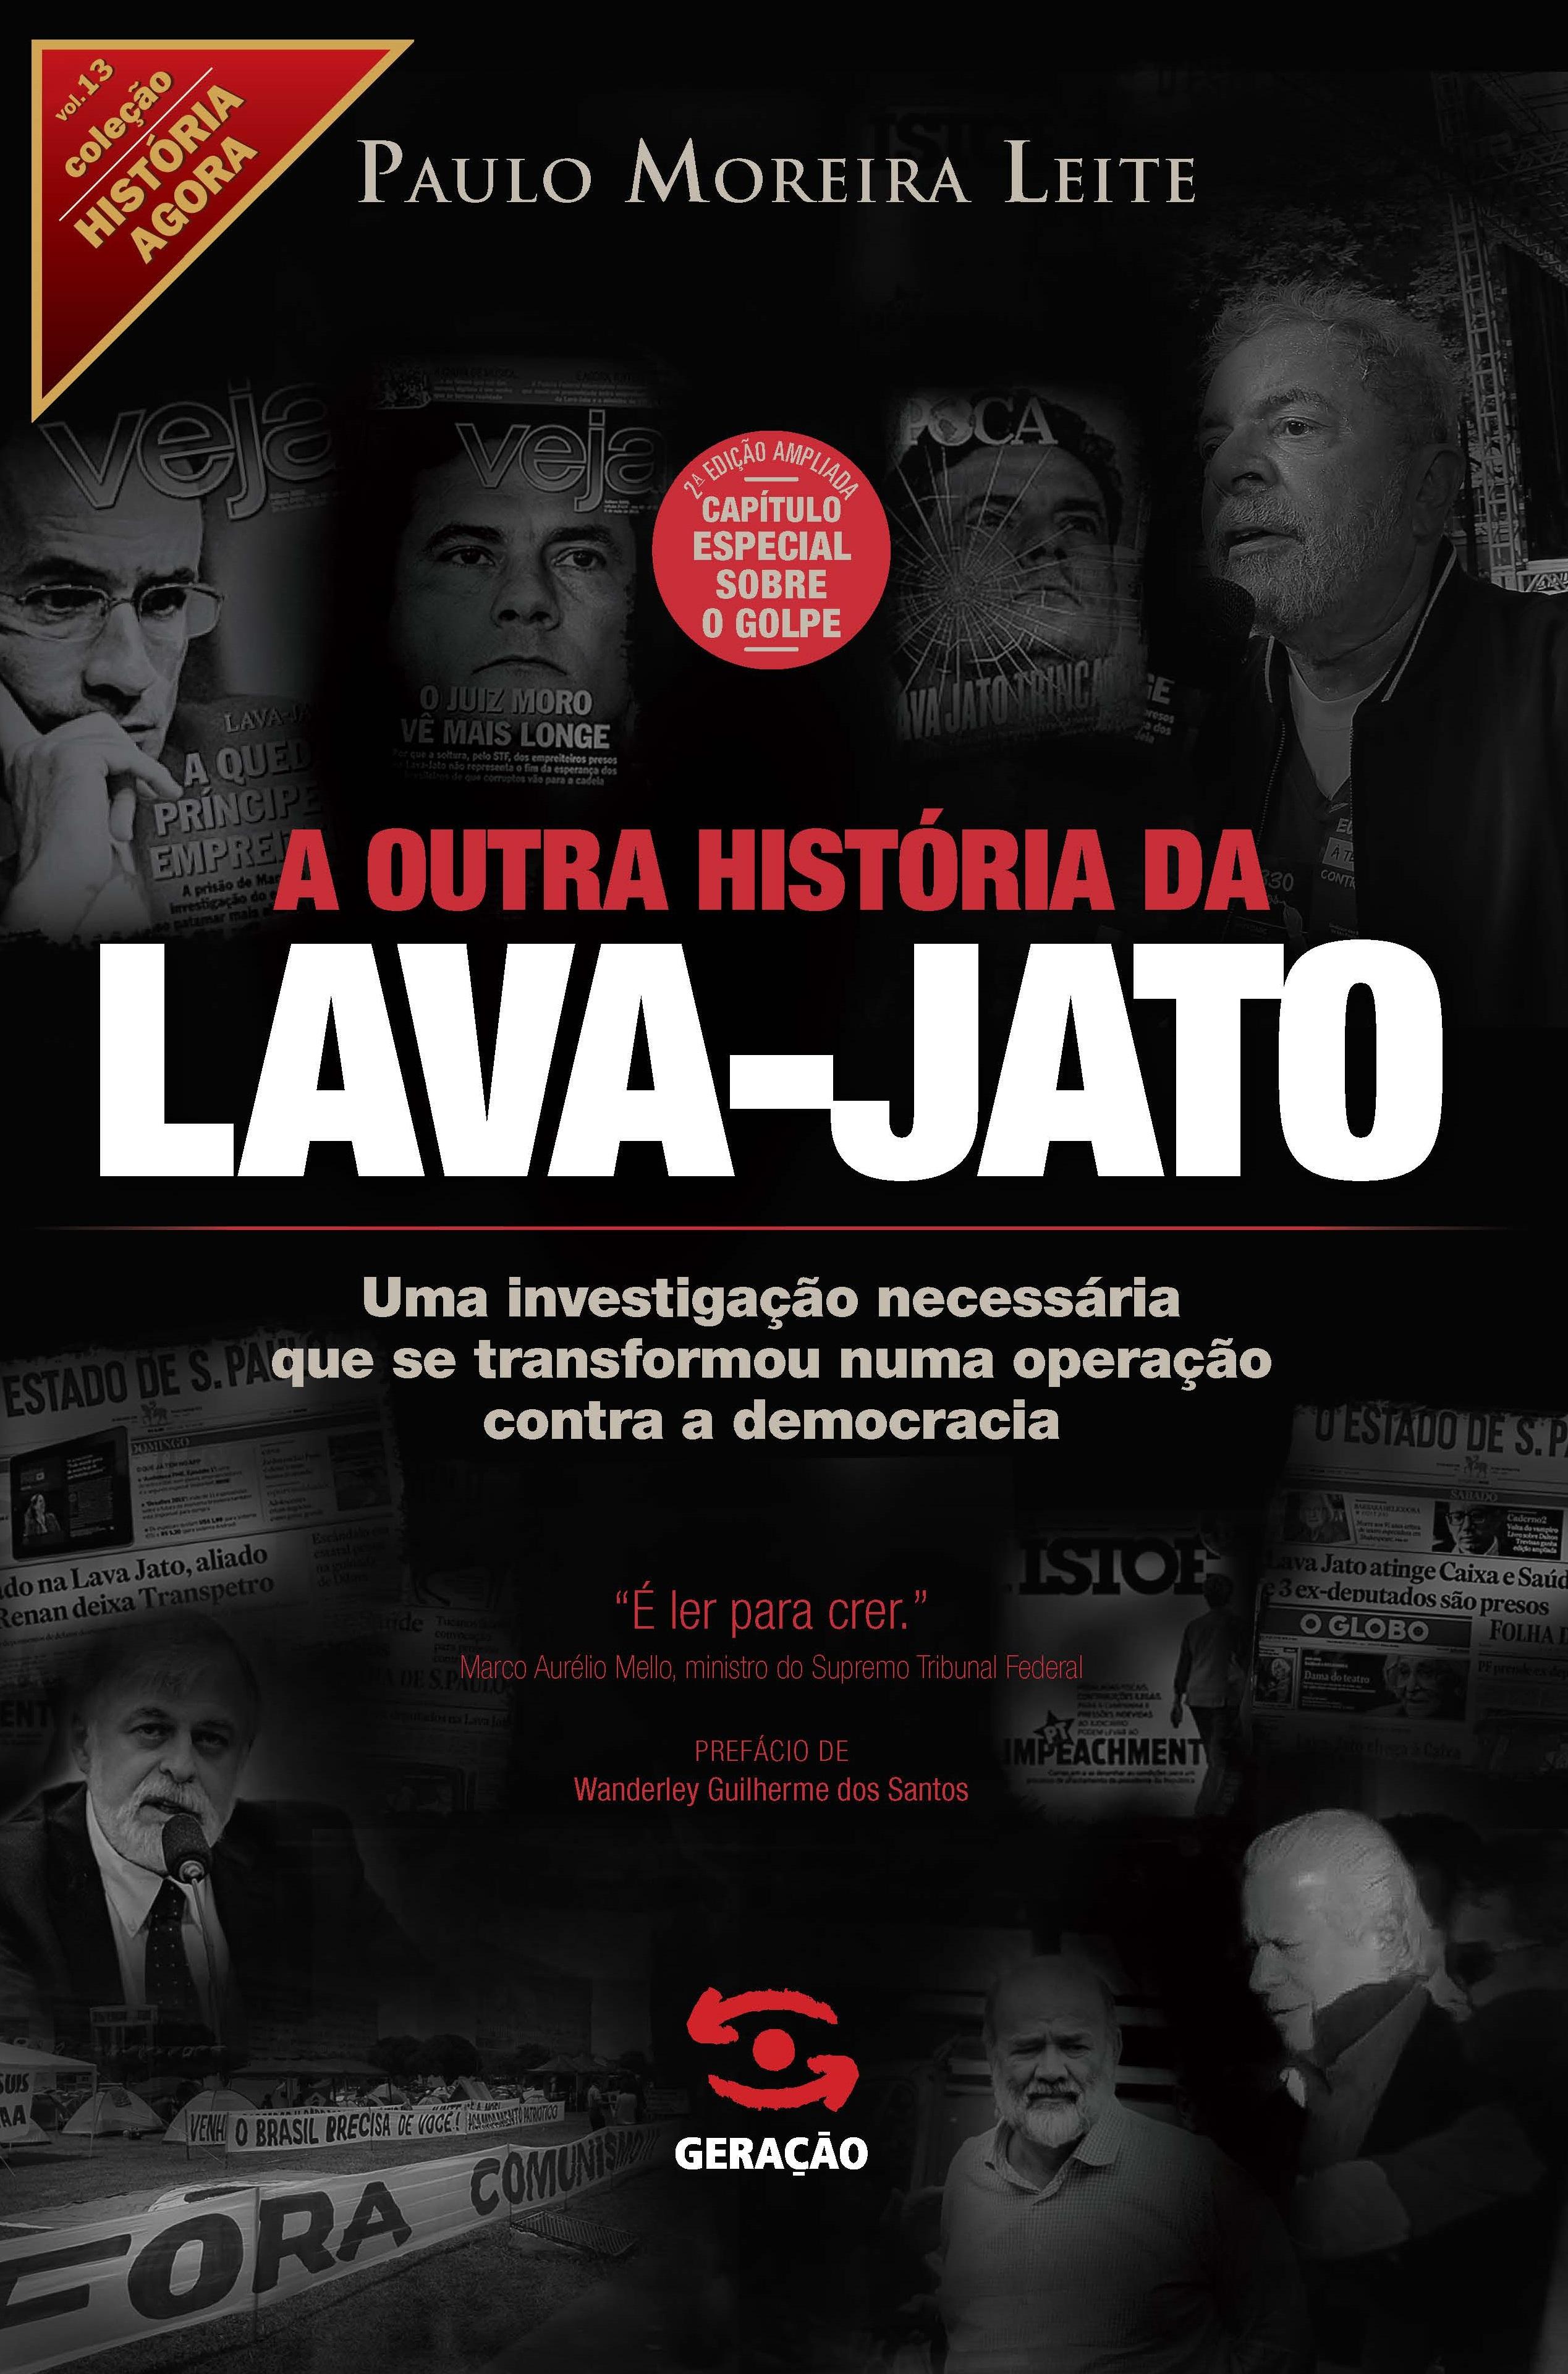 A Outra História da Lava-Jato - 2ª Edição Ampliada - Capítulo Especial Sobre o Golpe, livro de Paulo Moreira Leite